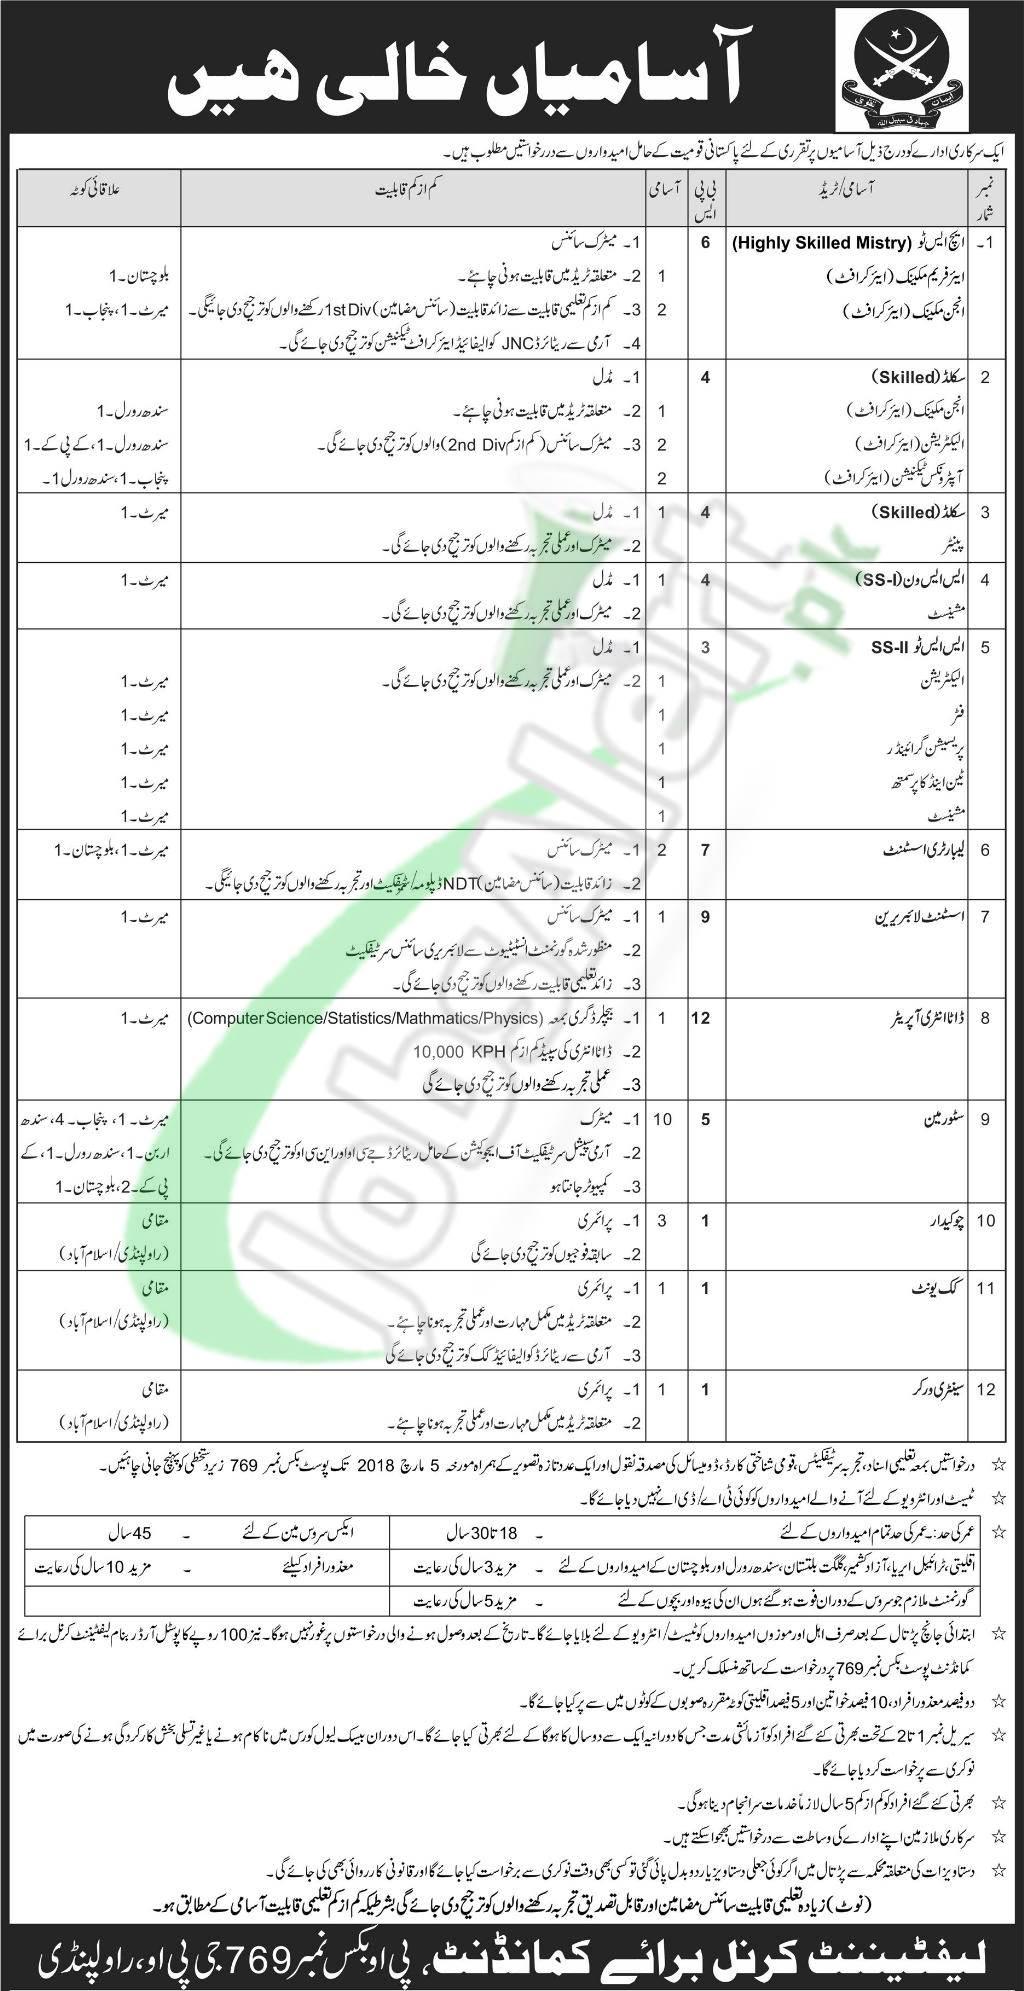 Po Box  Gpo Rawalpindi Jobs  Application Form Download Online Jobs In Pakistan